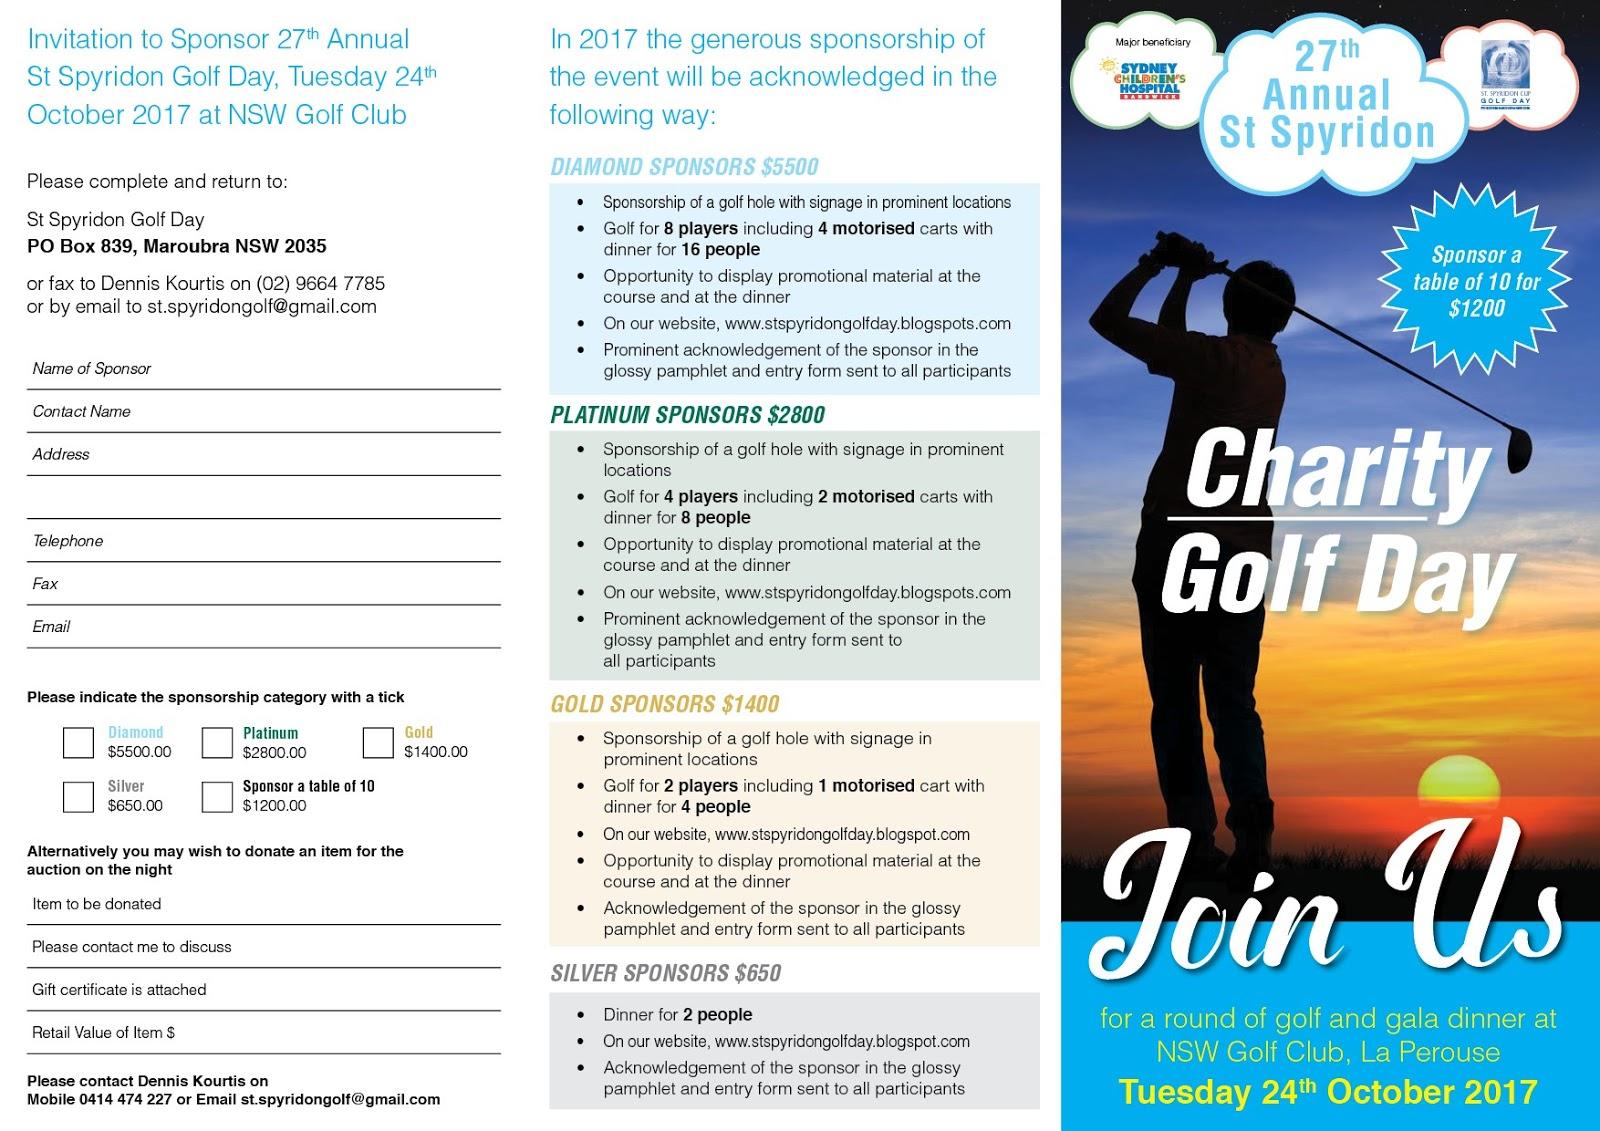 ST SPYRIDON GOLF DAY Invitation to Sponsor 2017 St Spyridon Golf Day